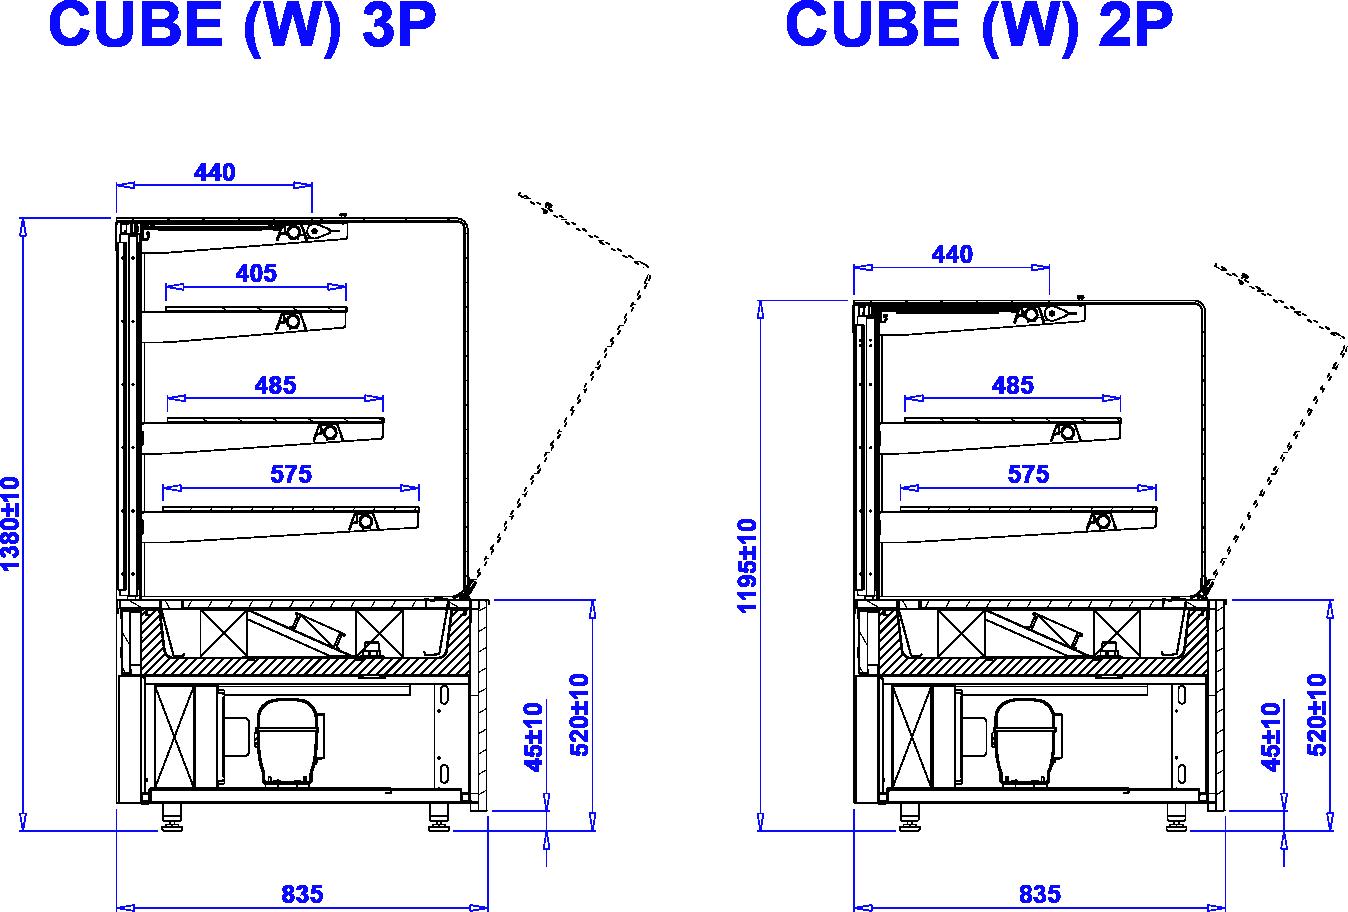 Technische Bezeichnung CUBE W